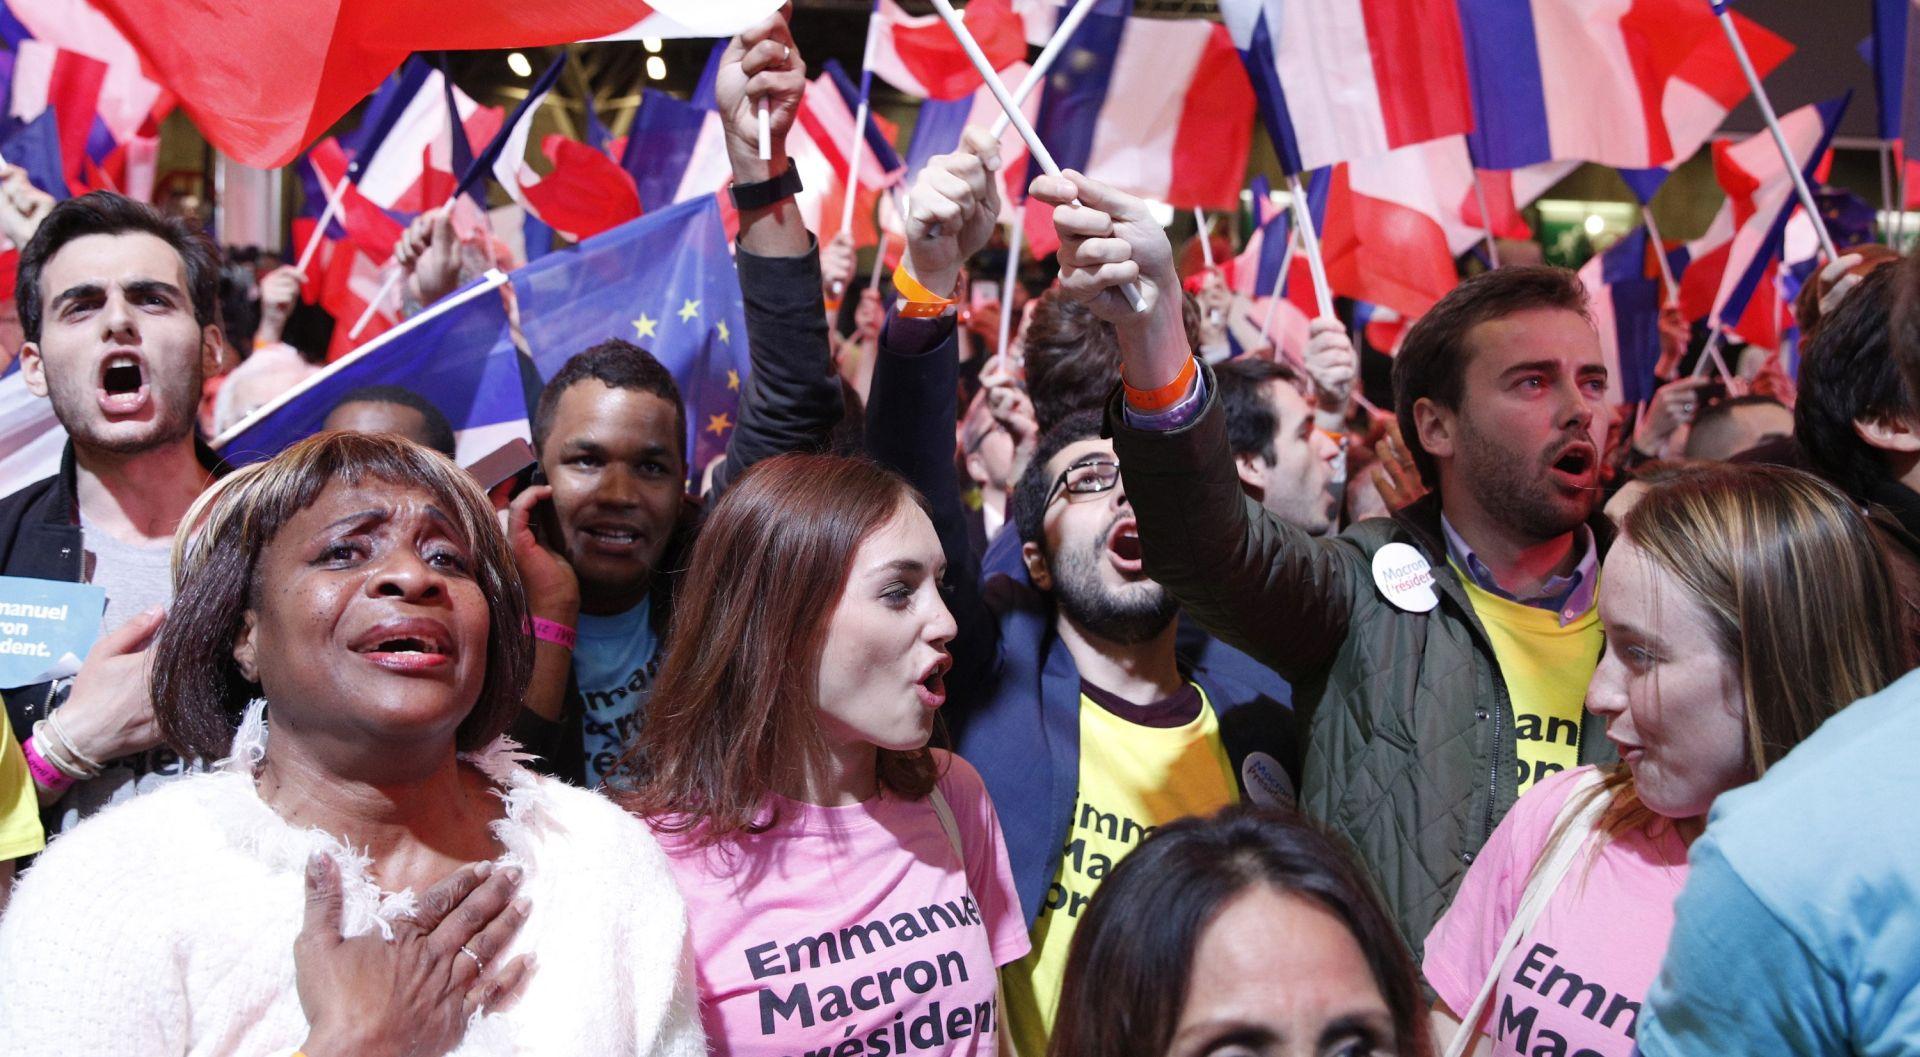 MACRON okrećemo novu stranicu; pozivi biračima da 7. svibnja glasaju za Macrona